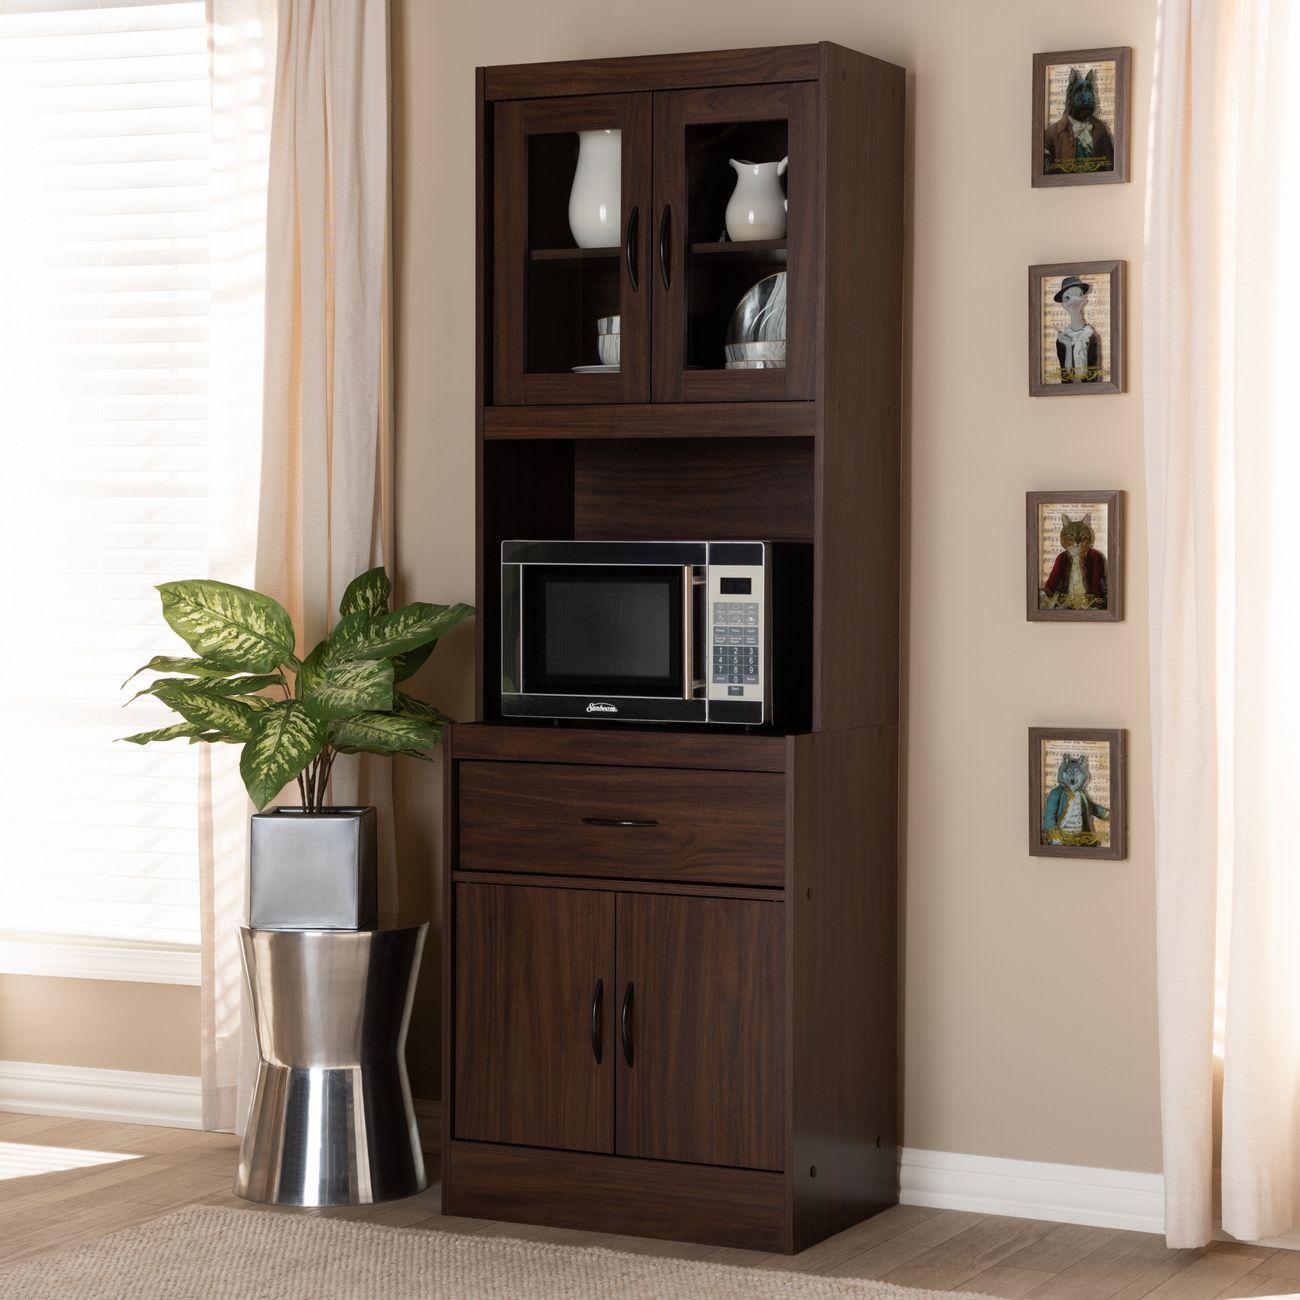 baxton studio laurana modern contemporary dark walnut finished kitchen cabinet hutch ws883200 dark walnut